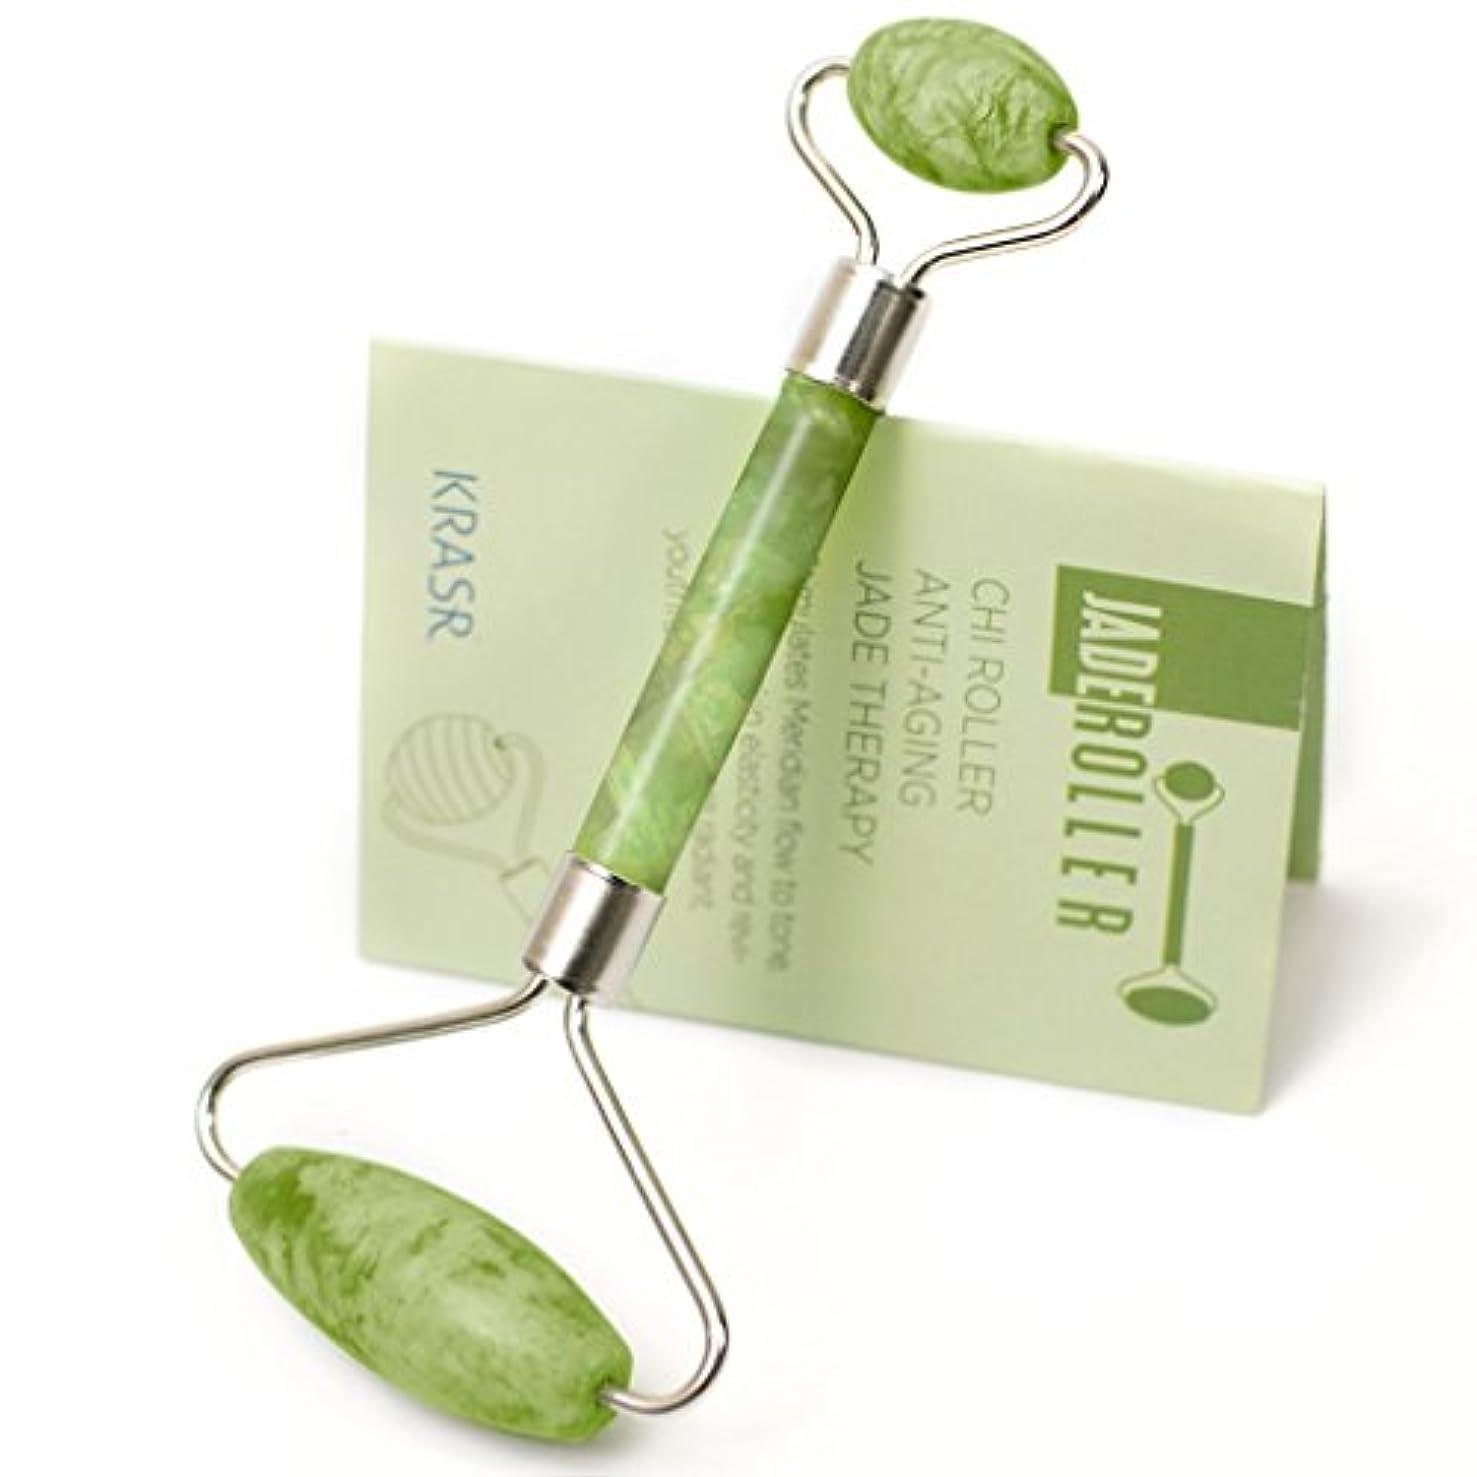 エレメンタル従順なドアミラーEcho & Kern グリーンアベンチュリンの美顔ローラーフェイスマッサジローラーThe Original Chi Himalayan Anti Aging Jade roller Therapy 100% Natural...